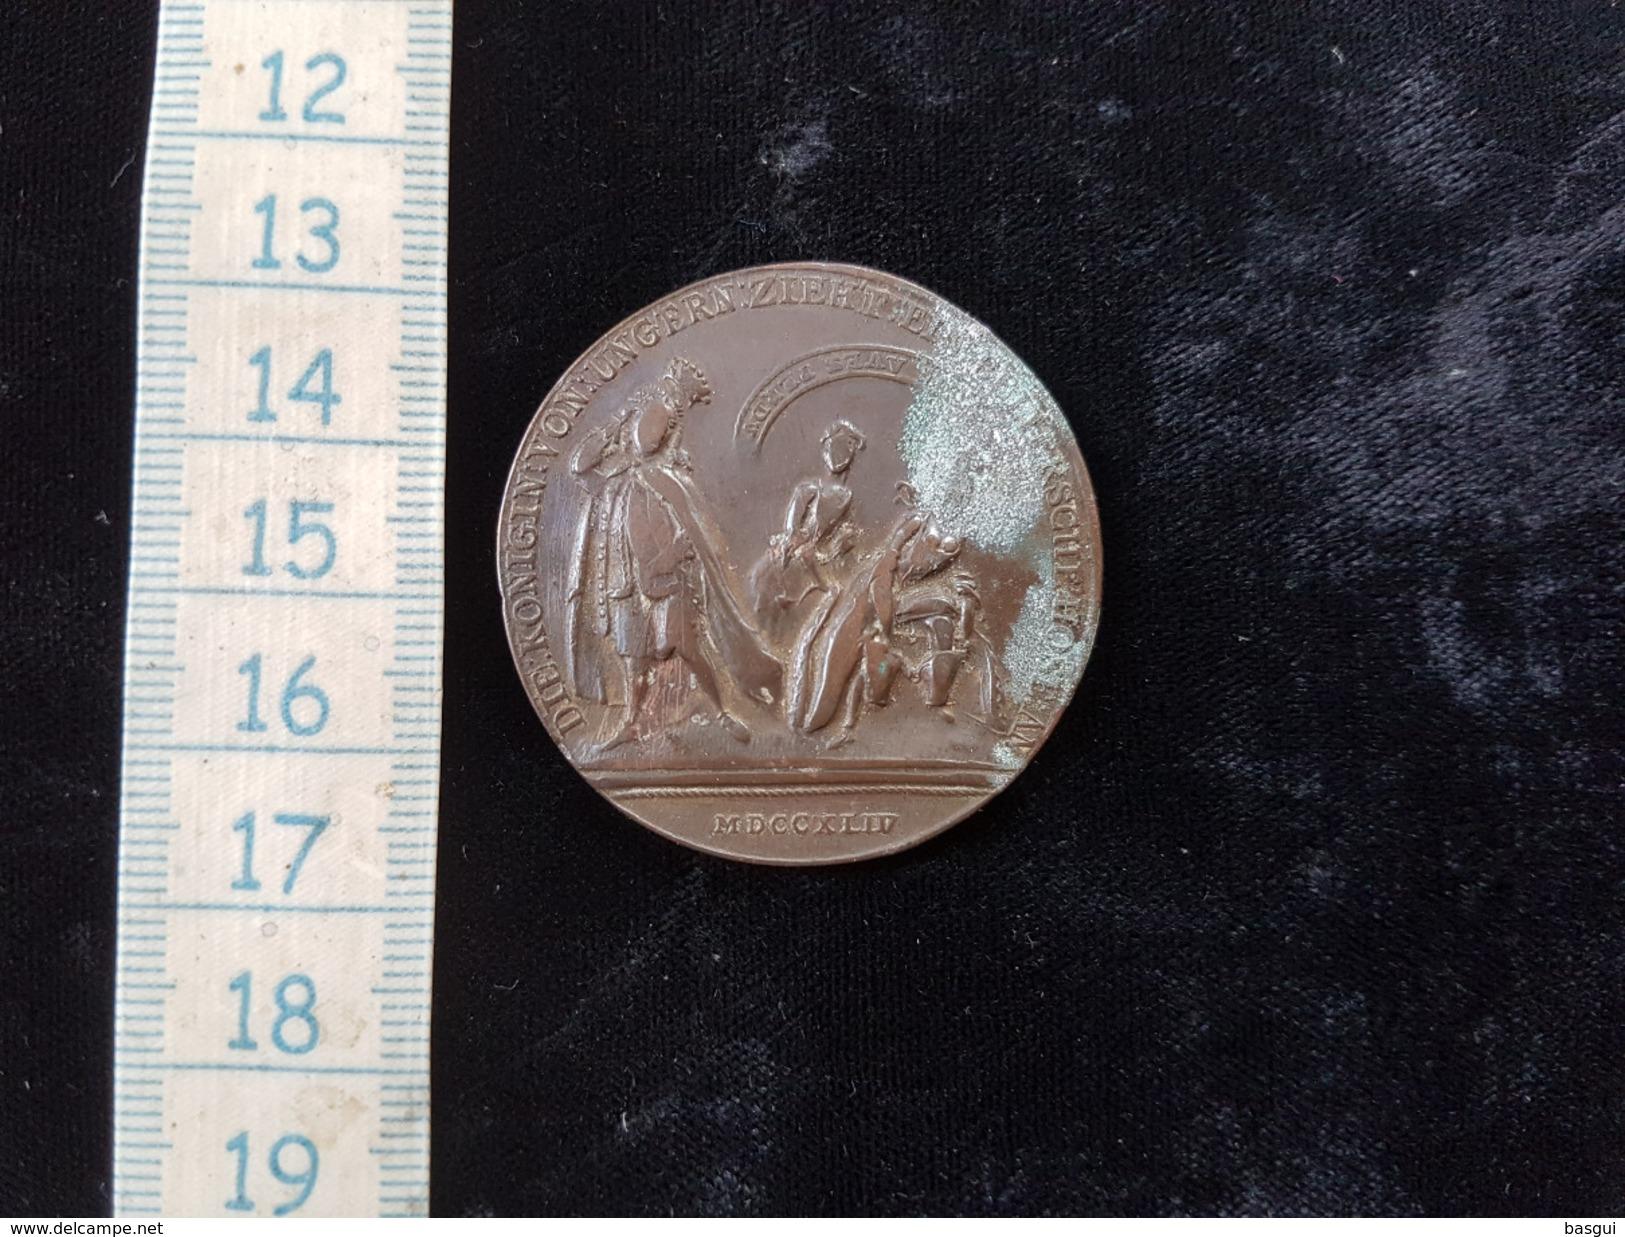 ROYAUME DE BOHÈME - MARIE-THÉRÈSE Médaille Satyrique - Humiliation De Marie-Thérèse Par Frédéric II,  1764 - Royal / Of Nobility